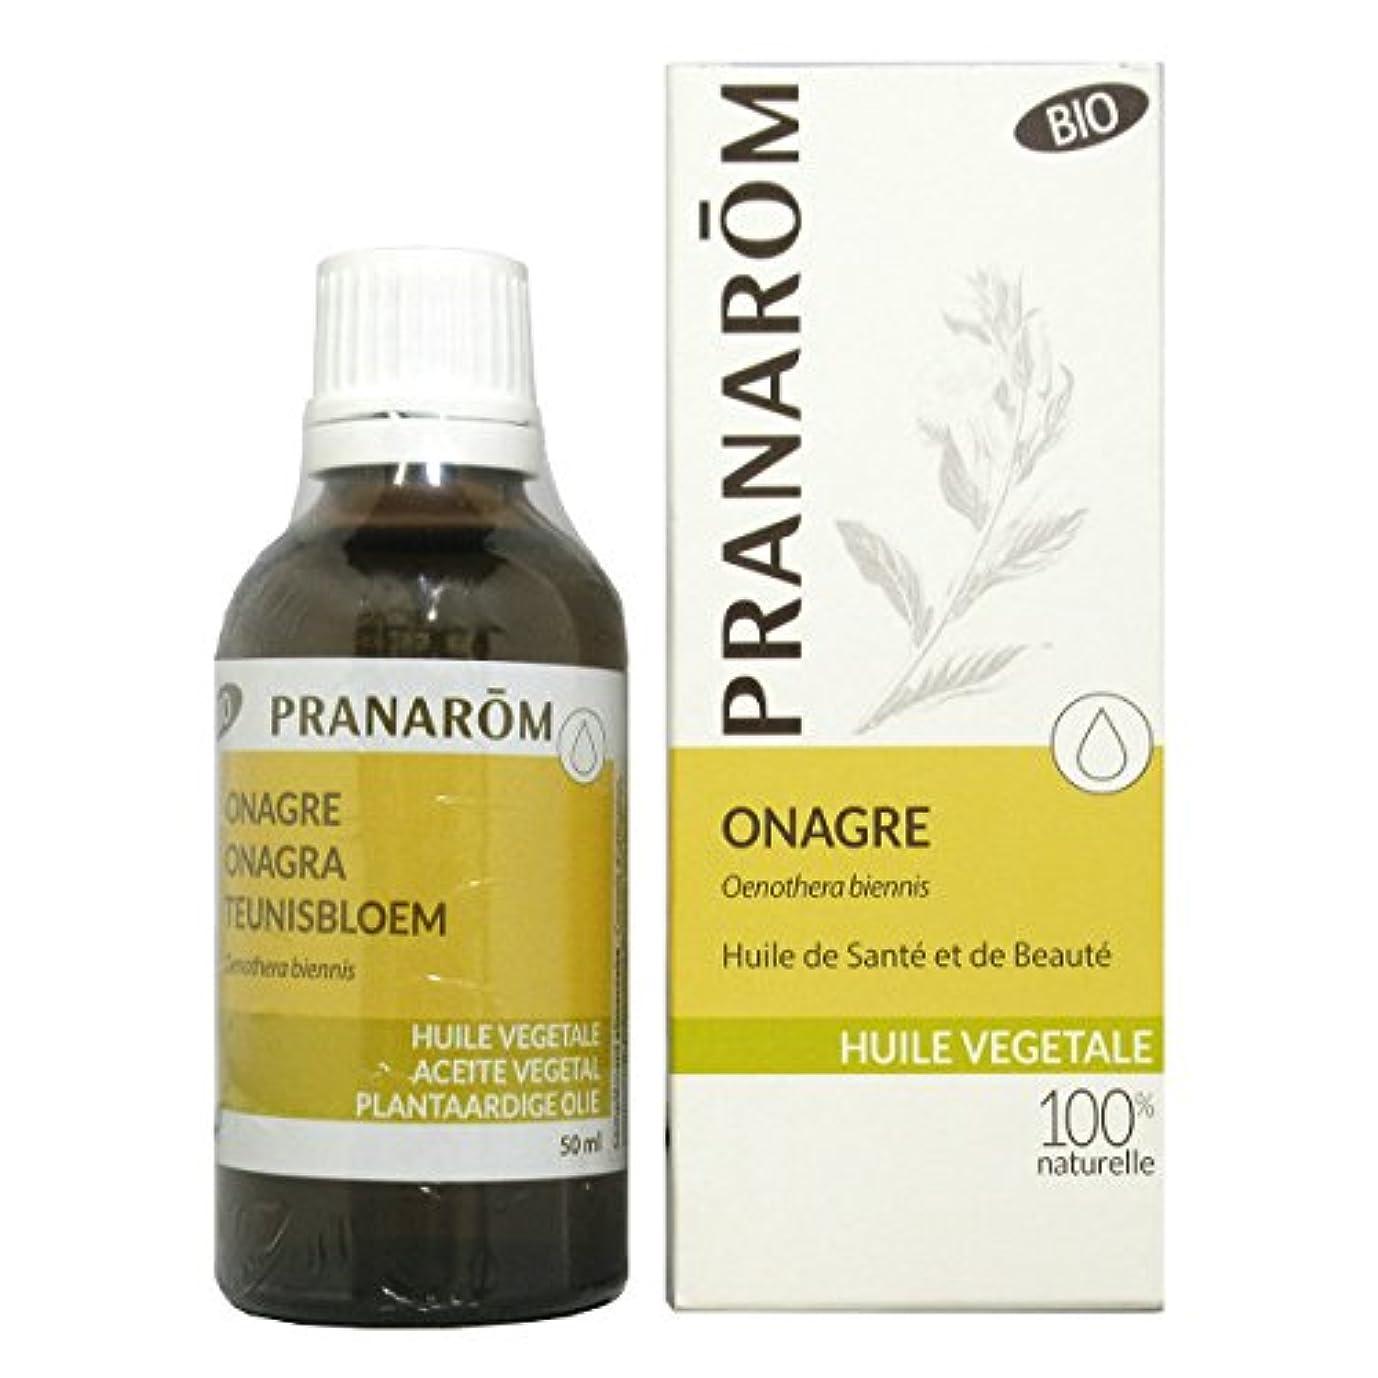 家族競争力のある季節プラナロム イブニングプリムローズオイル 50ml (PRANAROM 植物油)